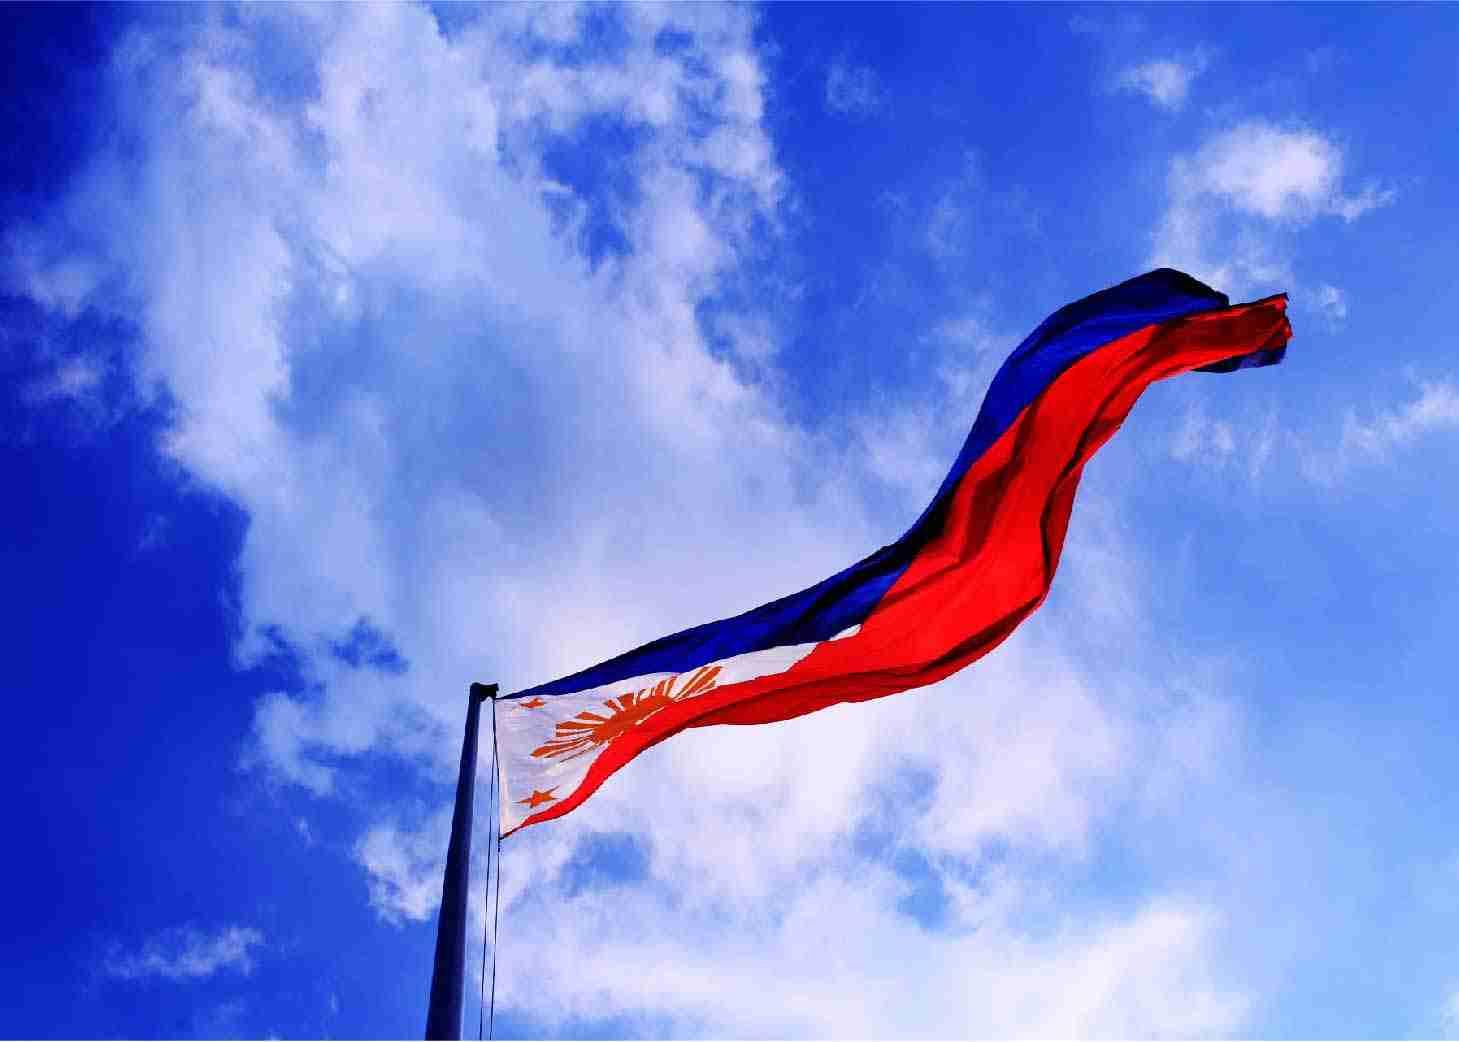 菲律賓遊學?去菲律賓學英文的10大理由!